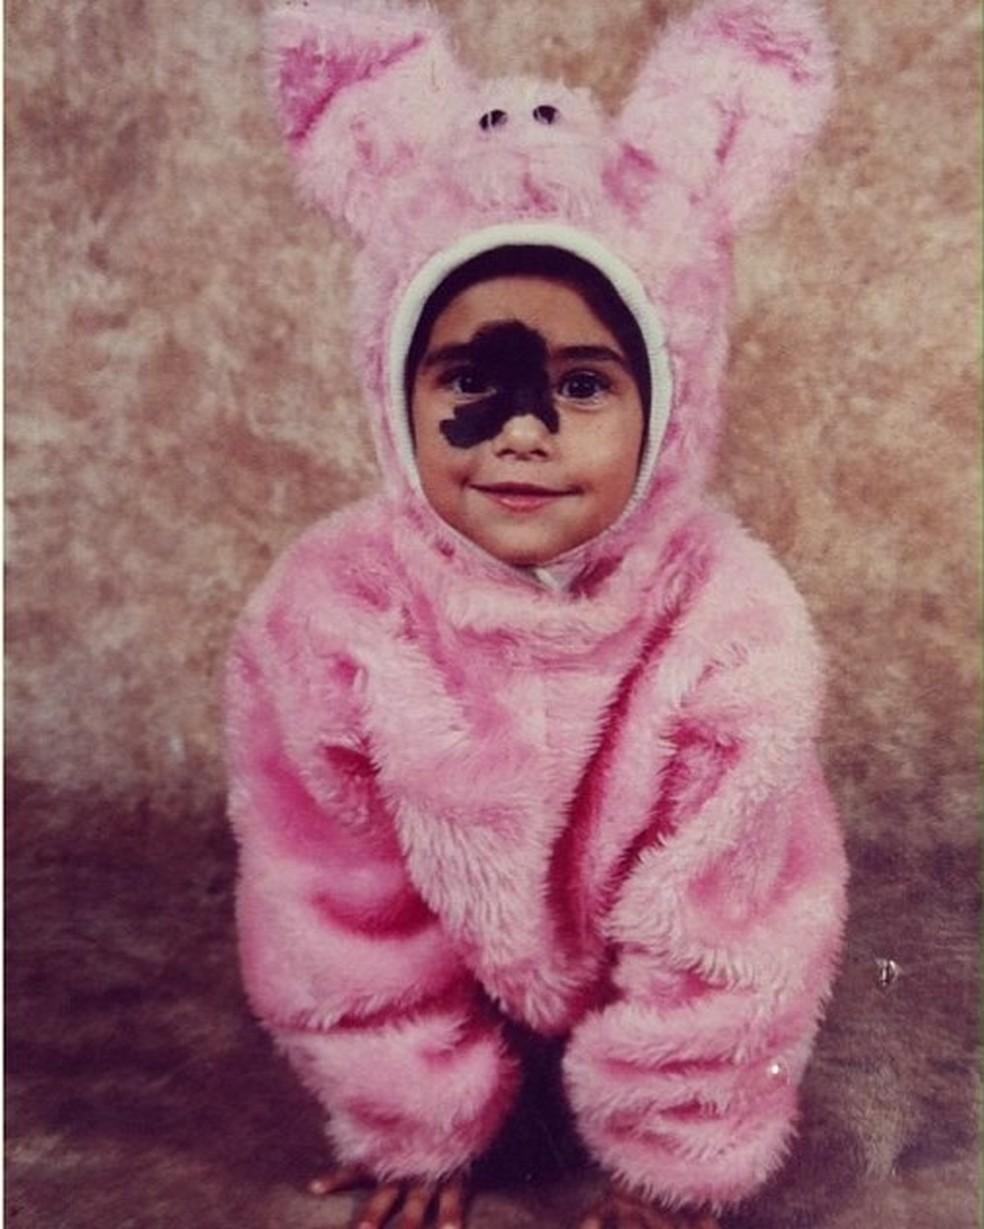 Quando criança Mariana chegou a realizar sessões para retirar a marca (Foto: Reprodução/Facebook)